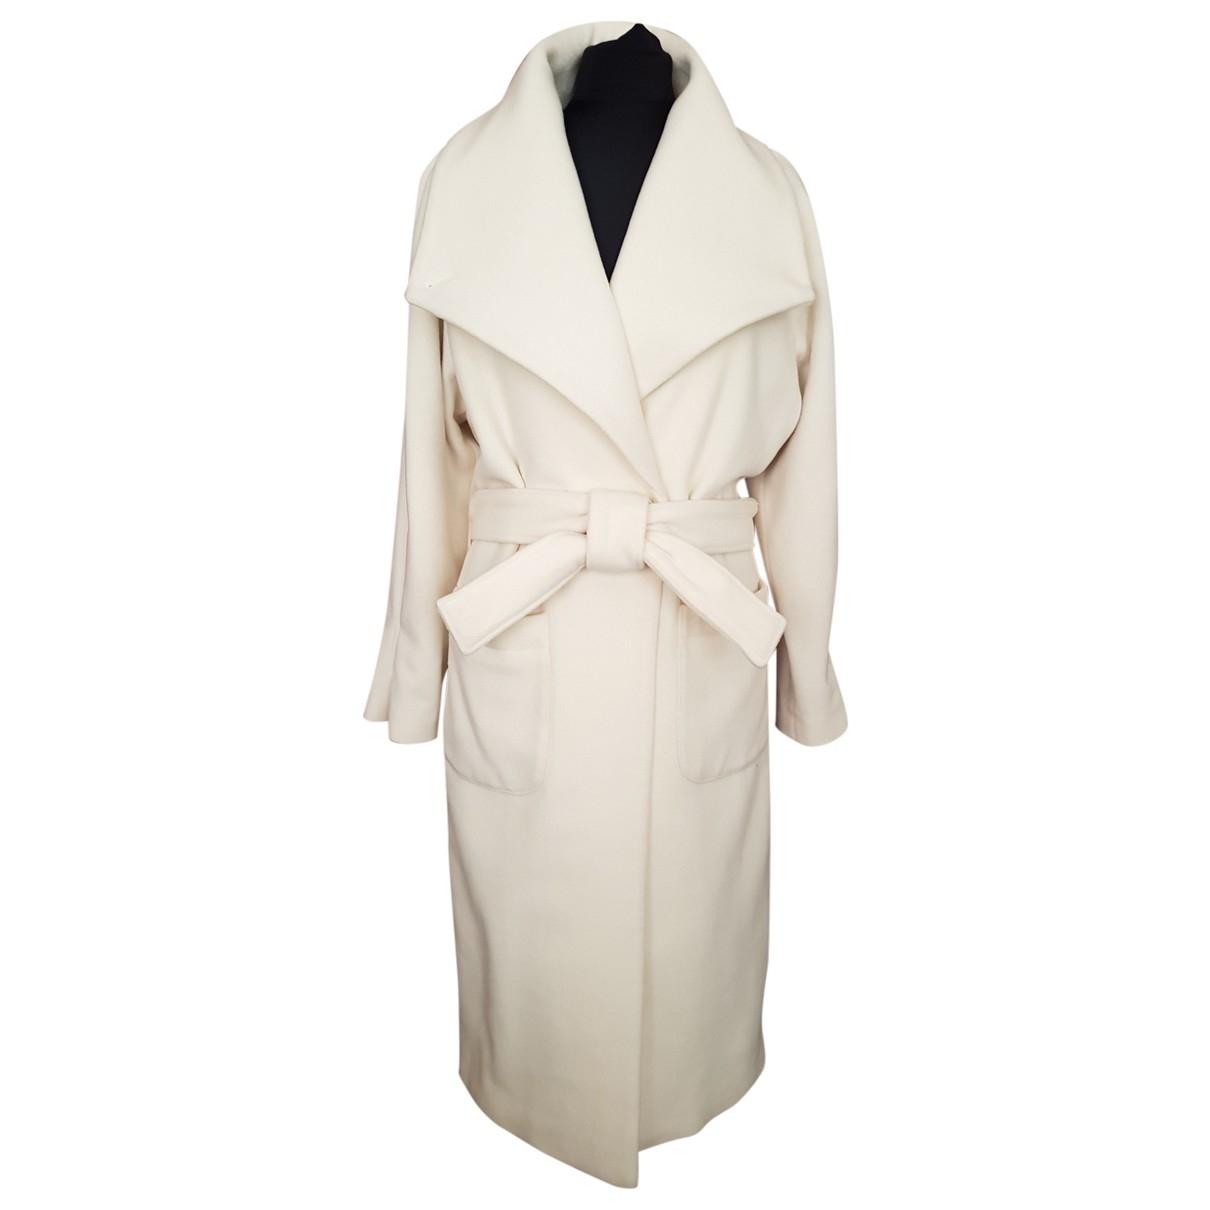 Joie \N Wool coat for Women S International